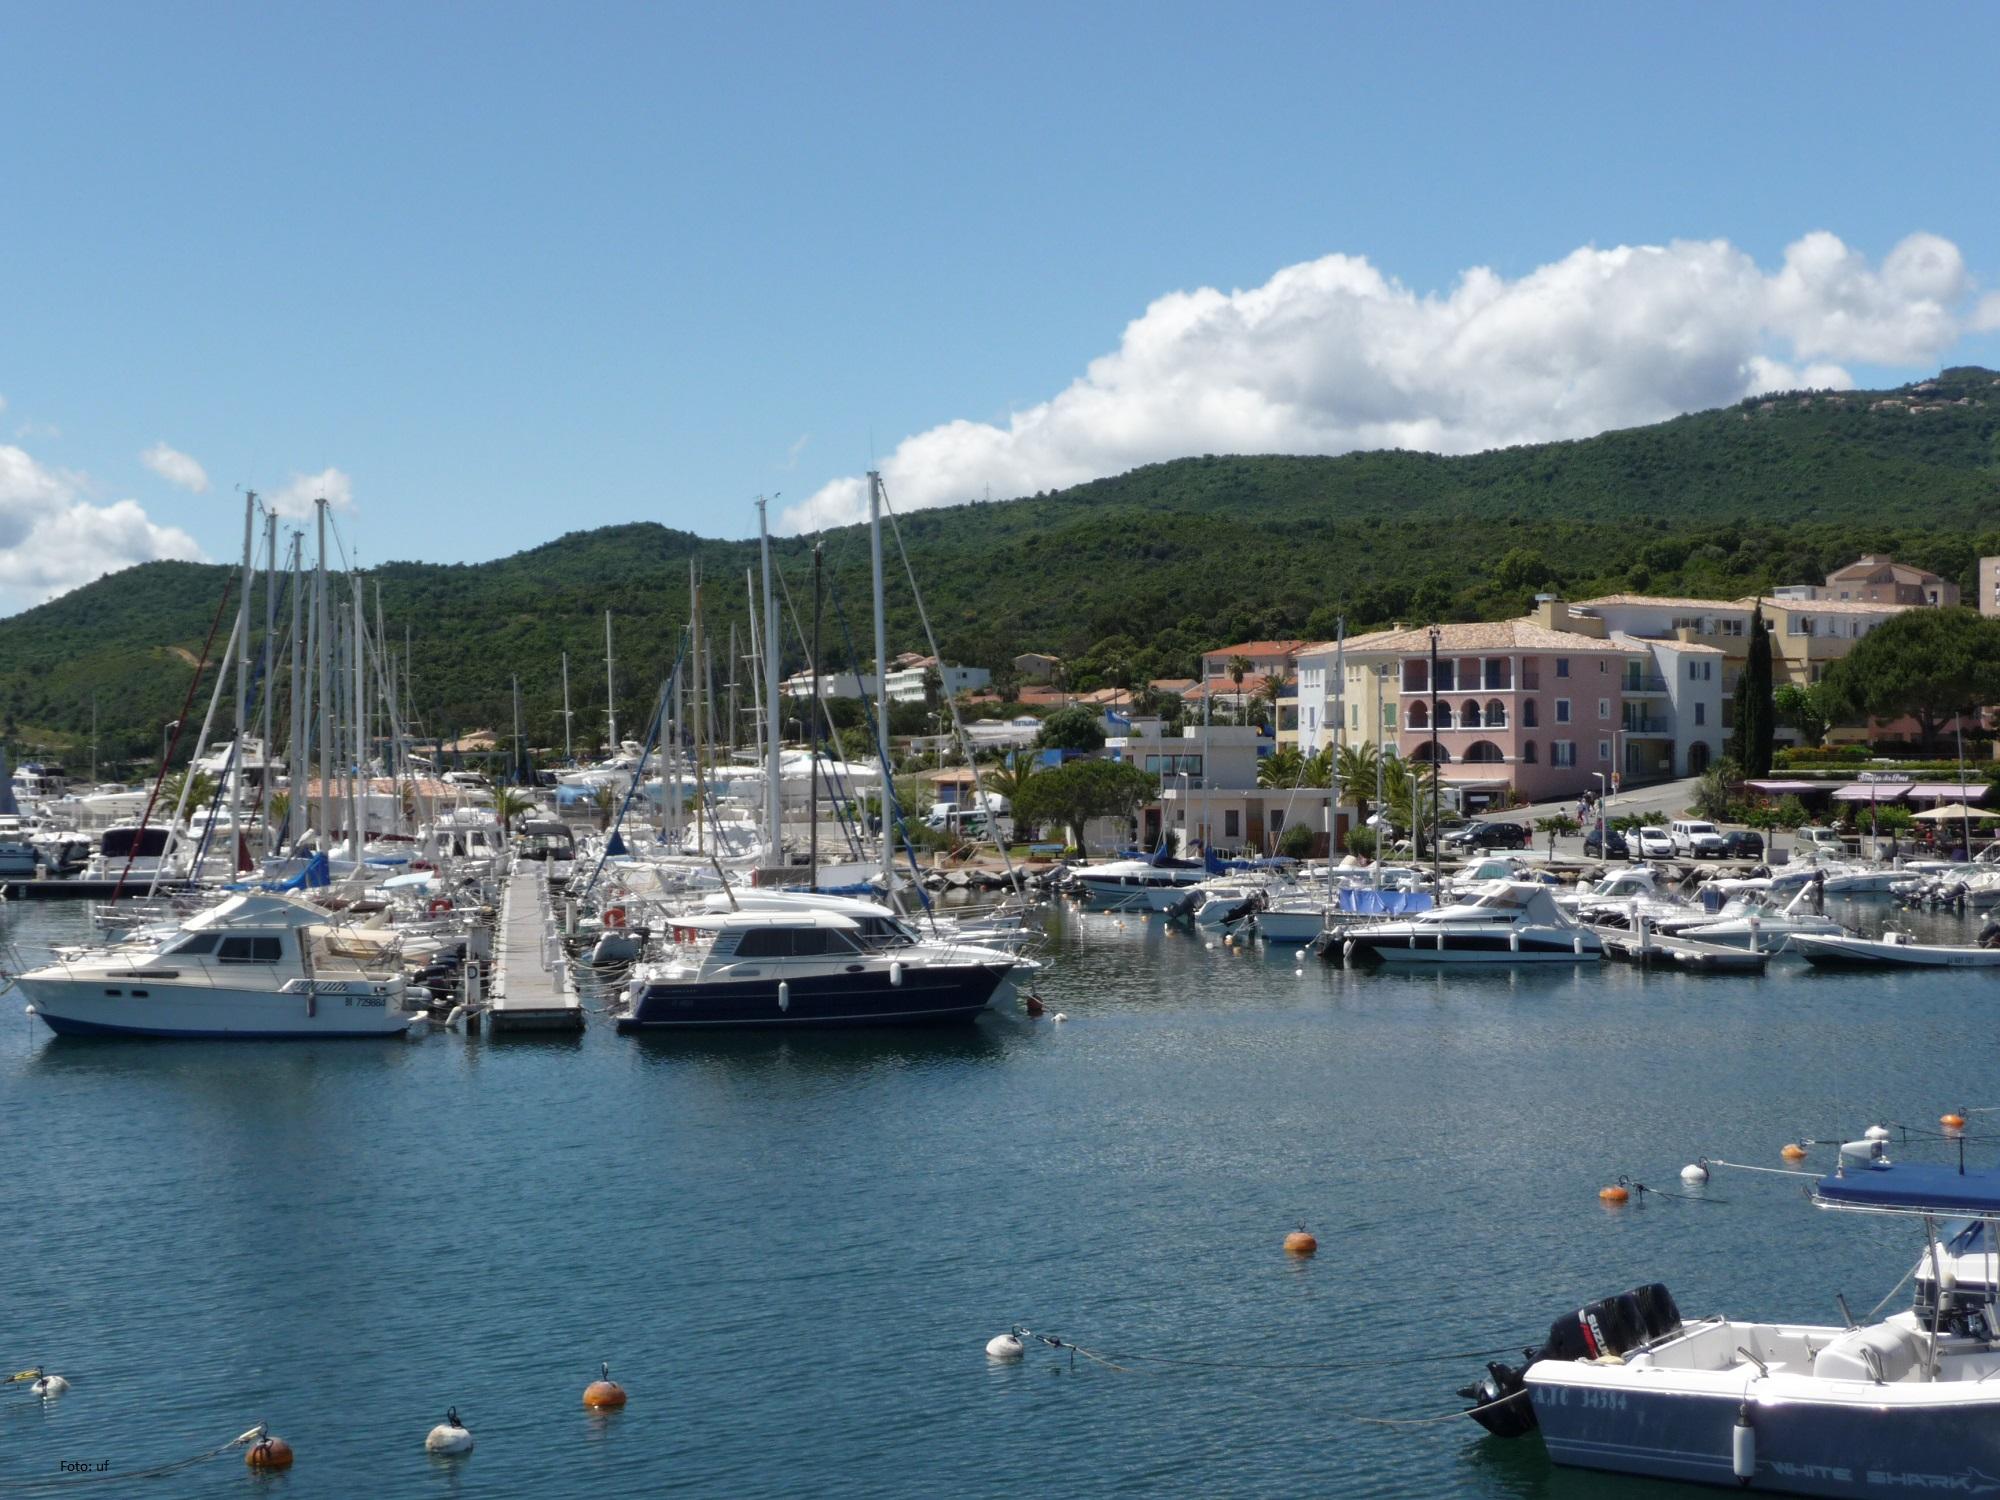 Schöner angelegter Hafen in Solenzara - sehen und gesehen werden